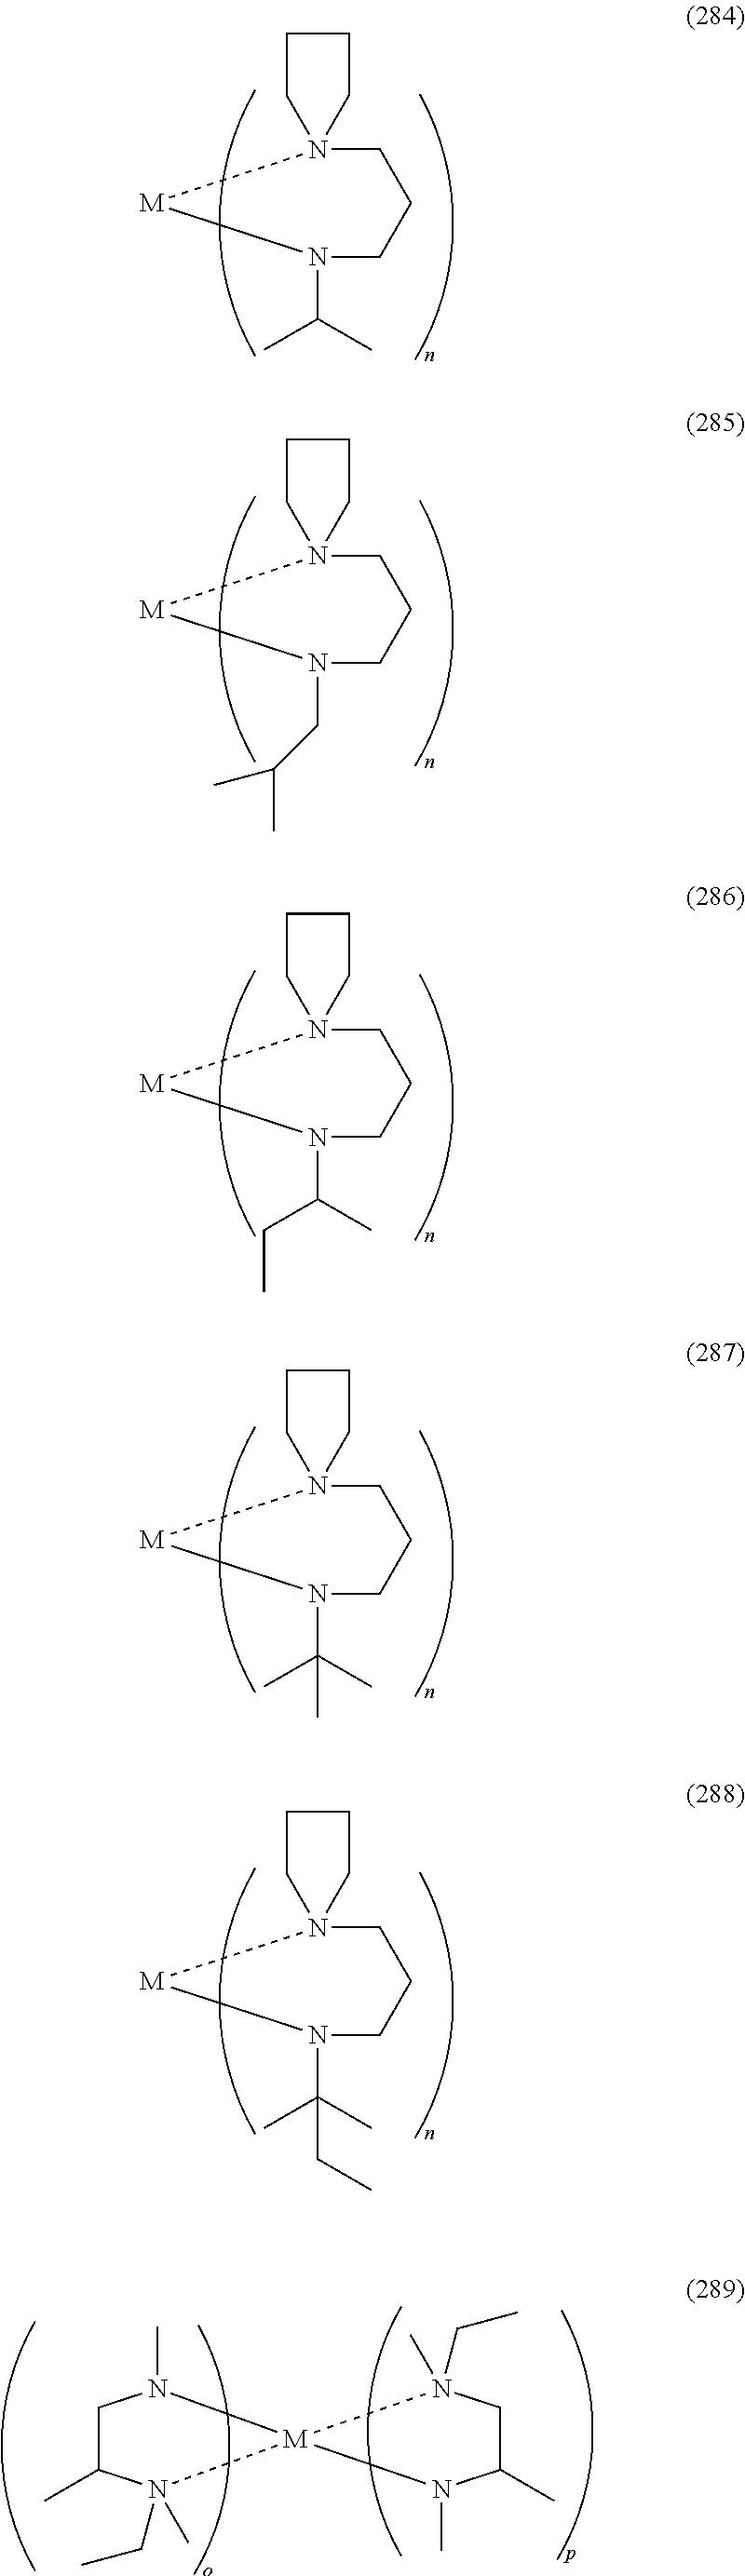 Figure US08871304-20141028-C00056